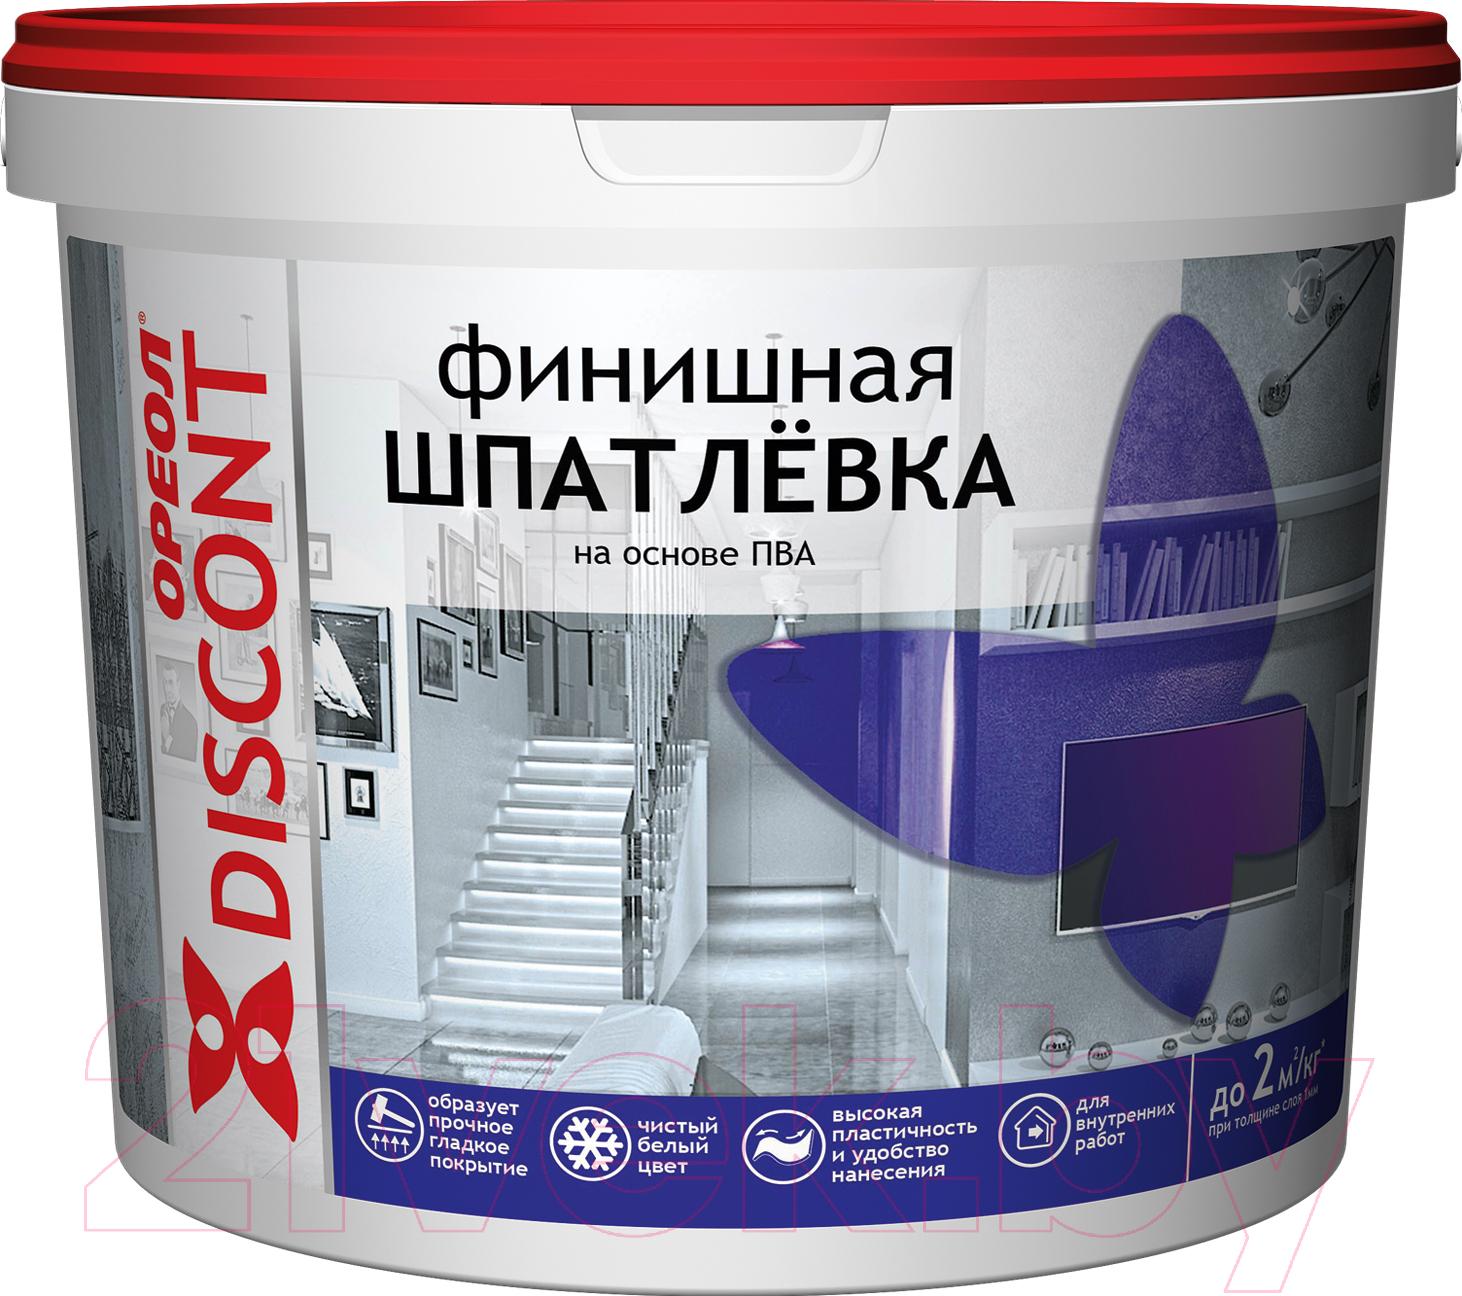 Купить Шпатлевка Ореол, Дисконт на основе ПВА (3кг), Россия